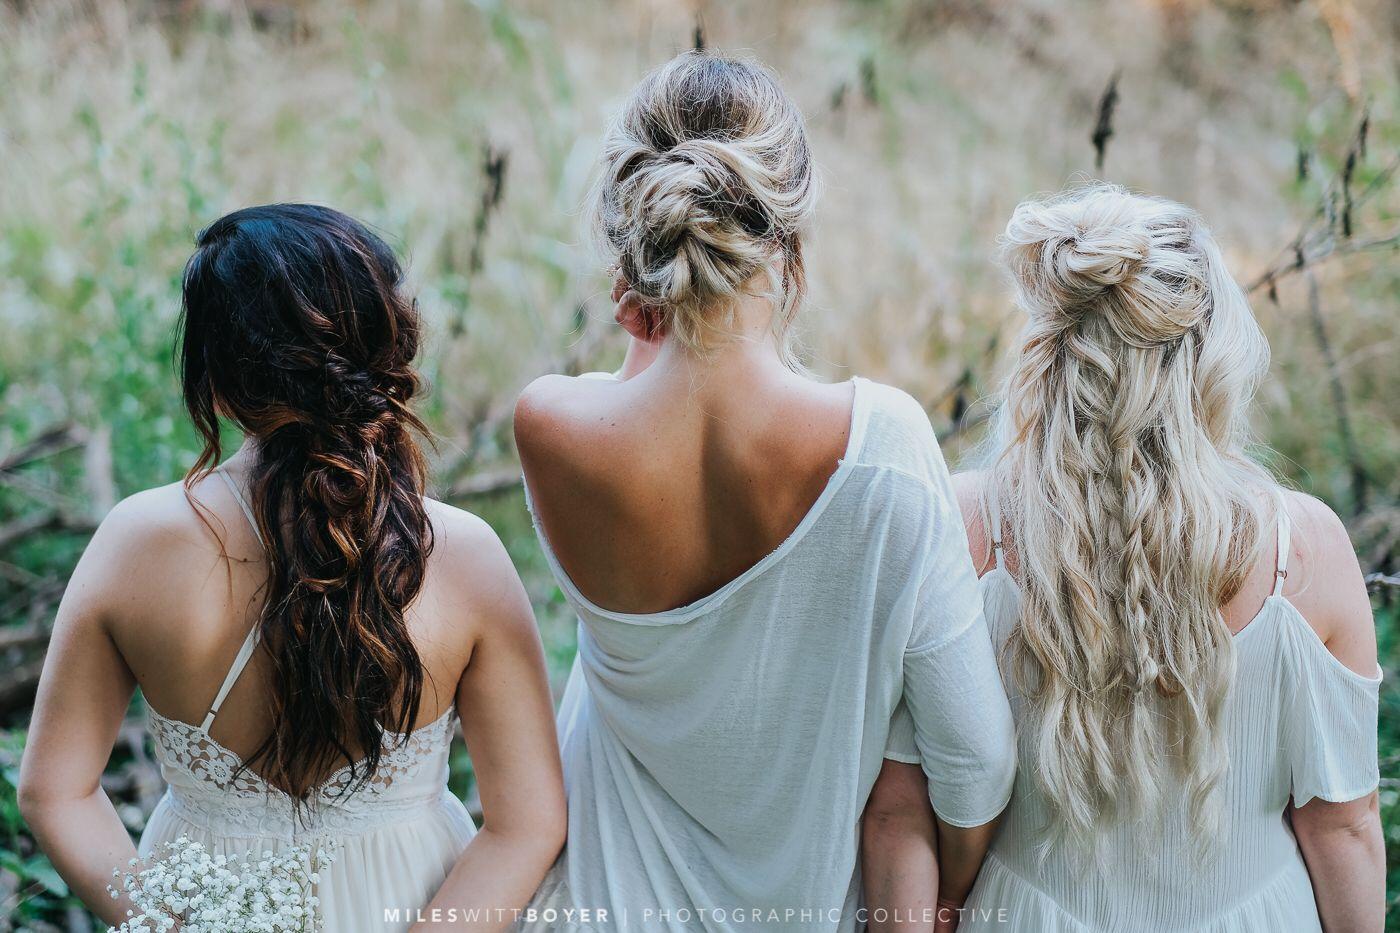 Wild & Free  Hairstylist Instagram @jordanoelle10 Photography copyright @delynstirewalt